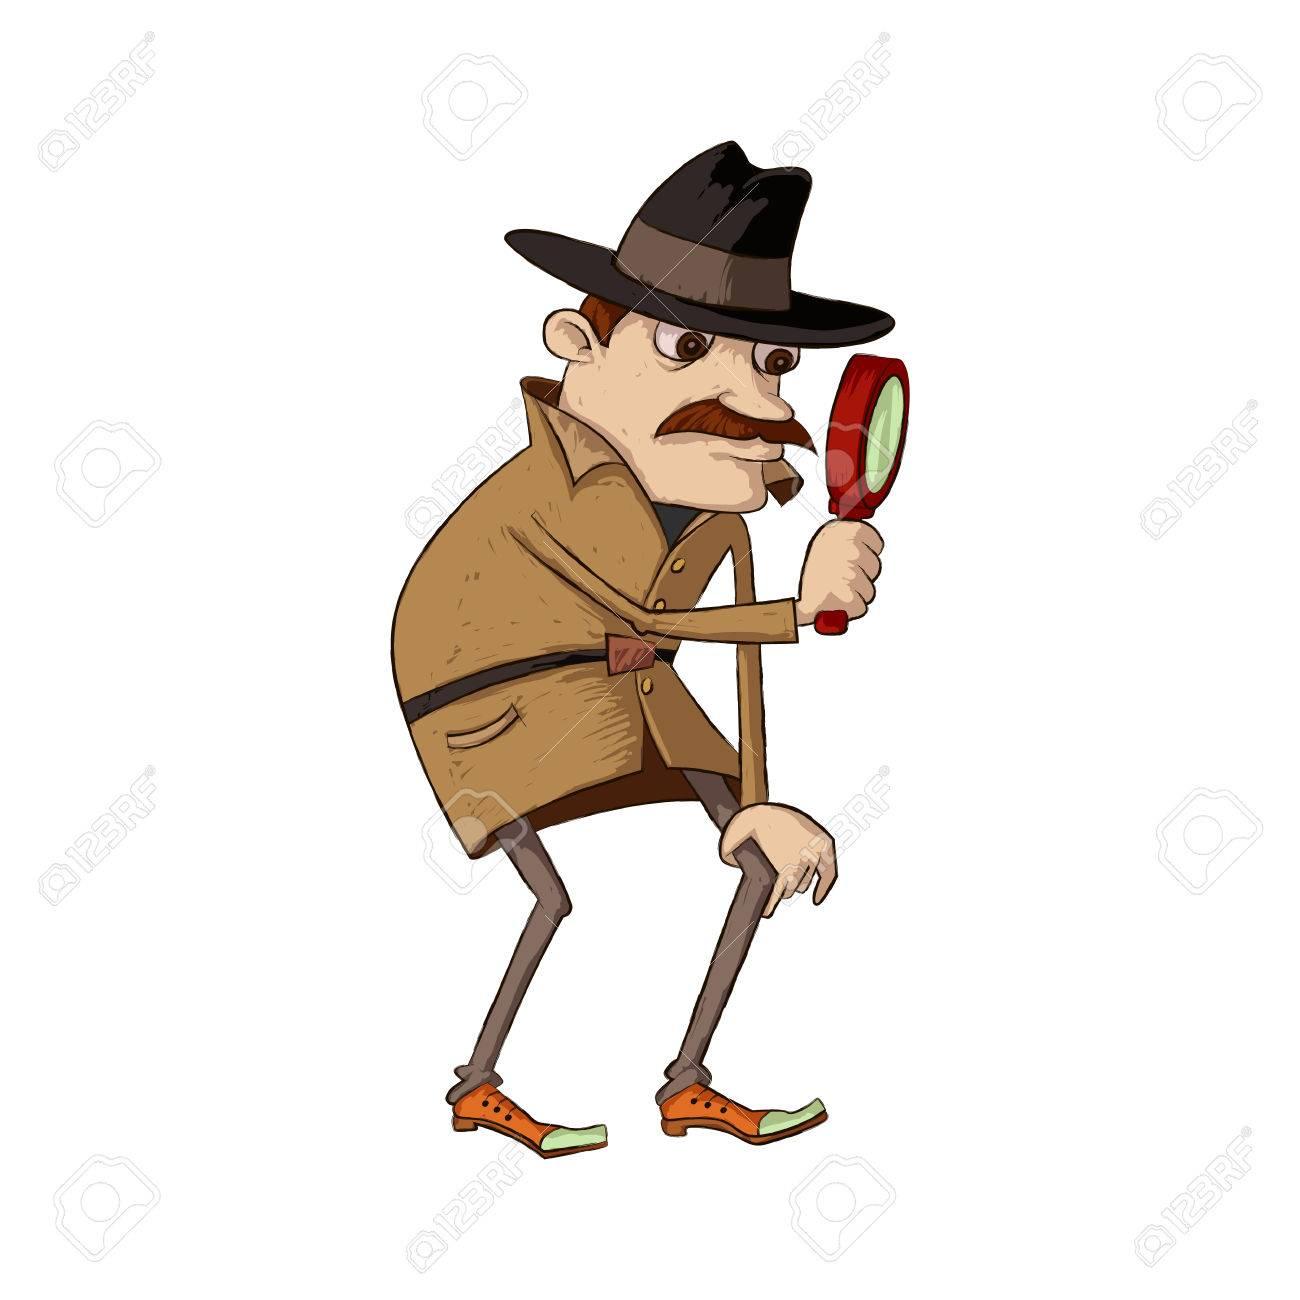 虫眼鏡を通して見る口ひげを持つ探偵のイラスト ロイヤリティフリー